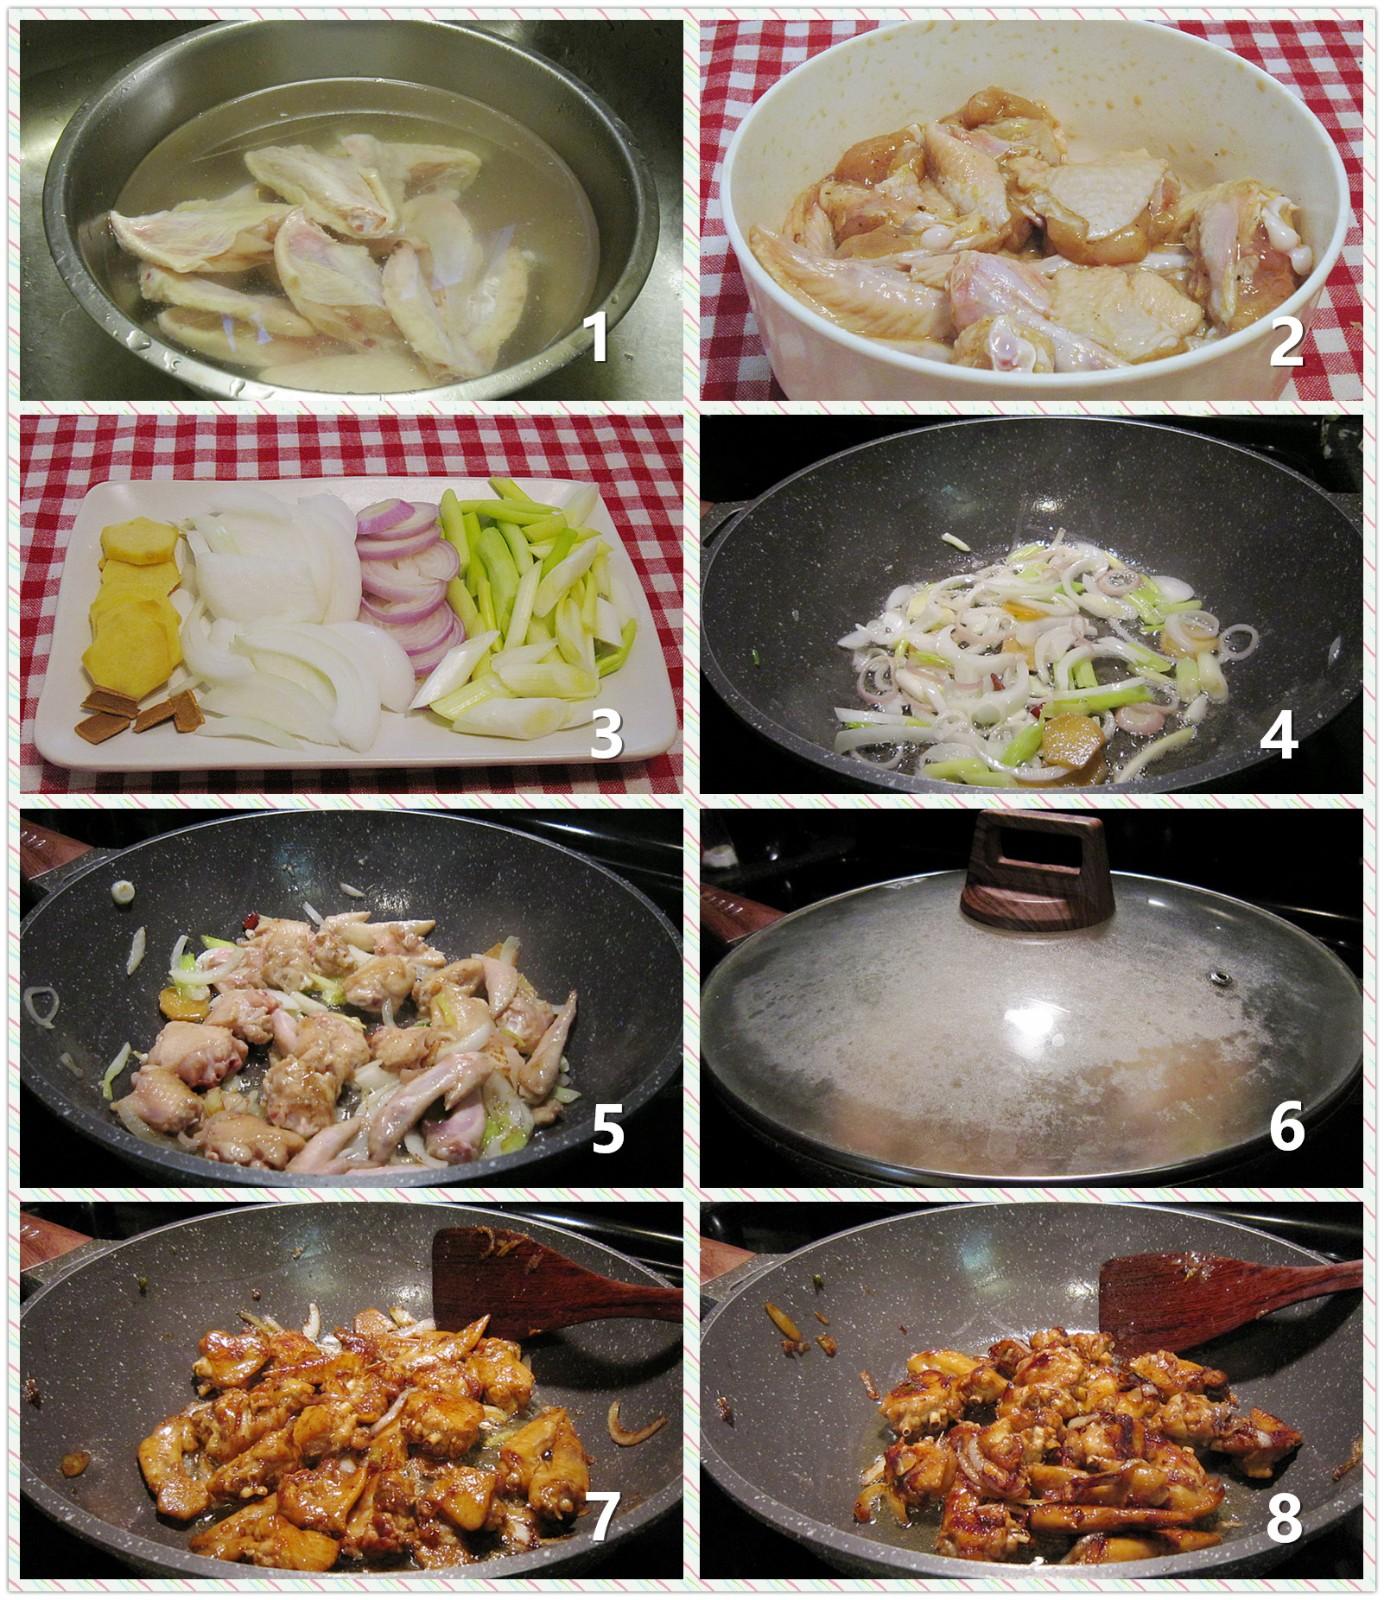 姜葱炒鸡翅_图1-2